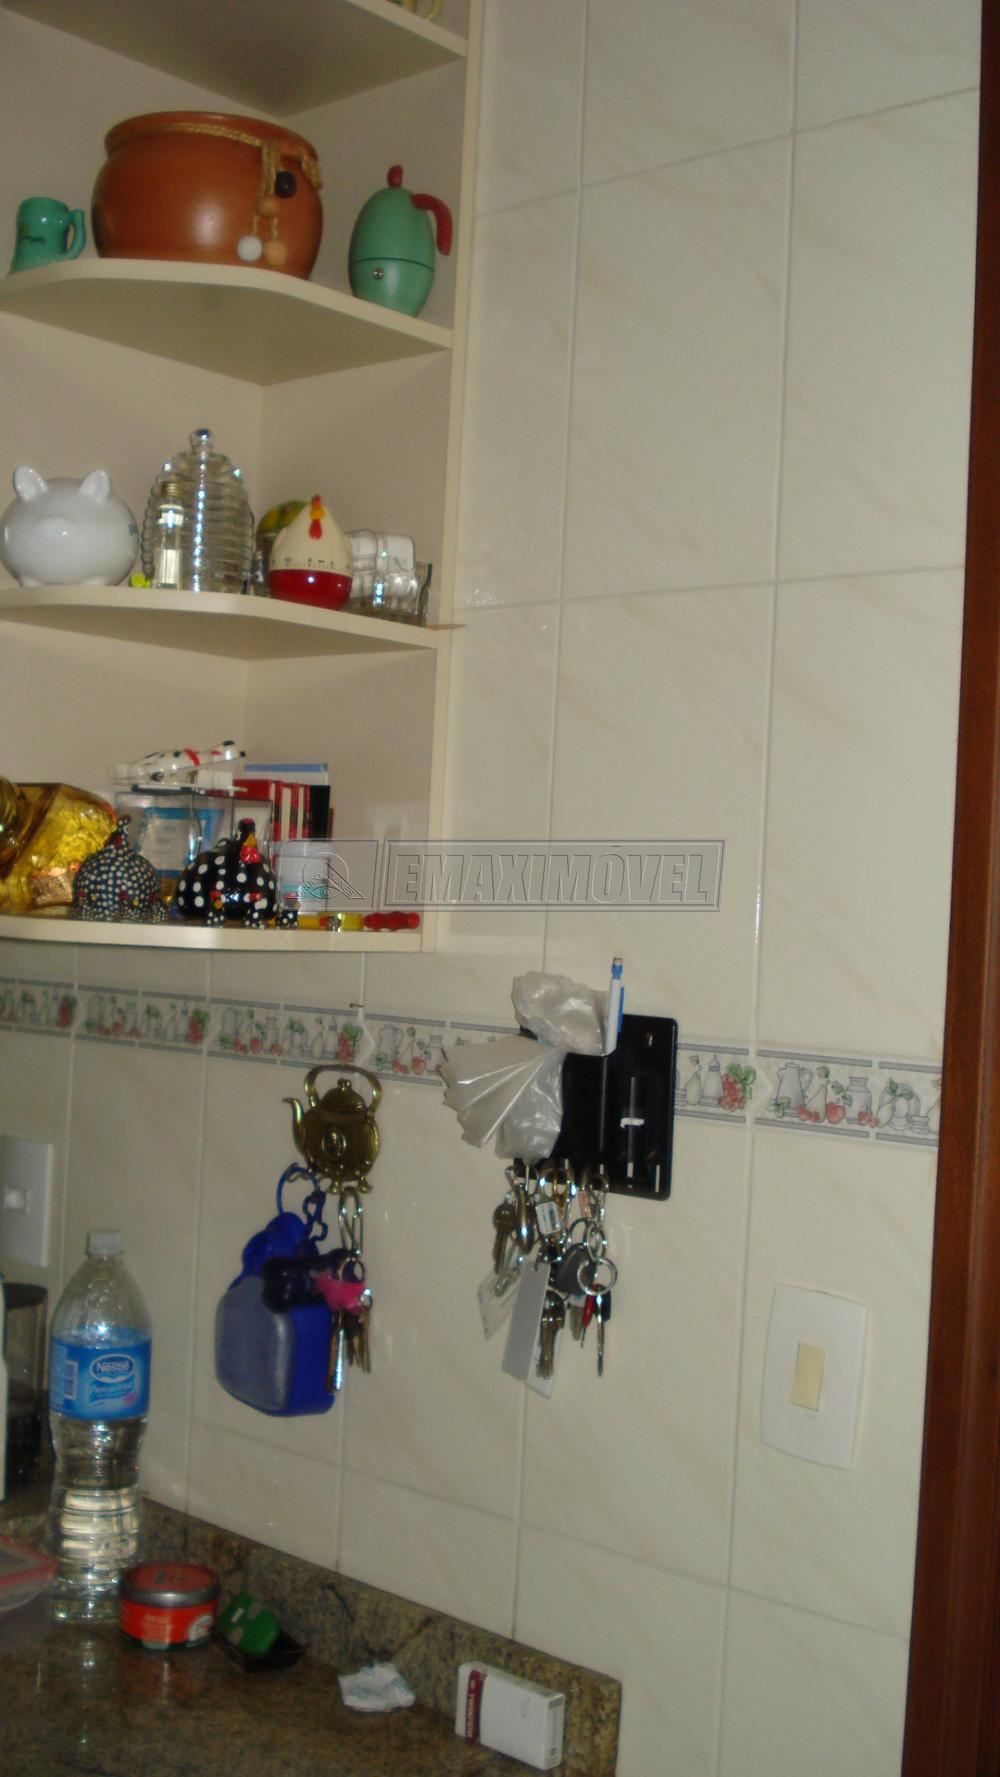 Comprar Apartamentos / Apto Padrão em Sorocaba apenas R$ 450.000,00 - Foto 6